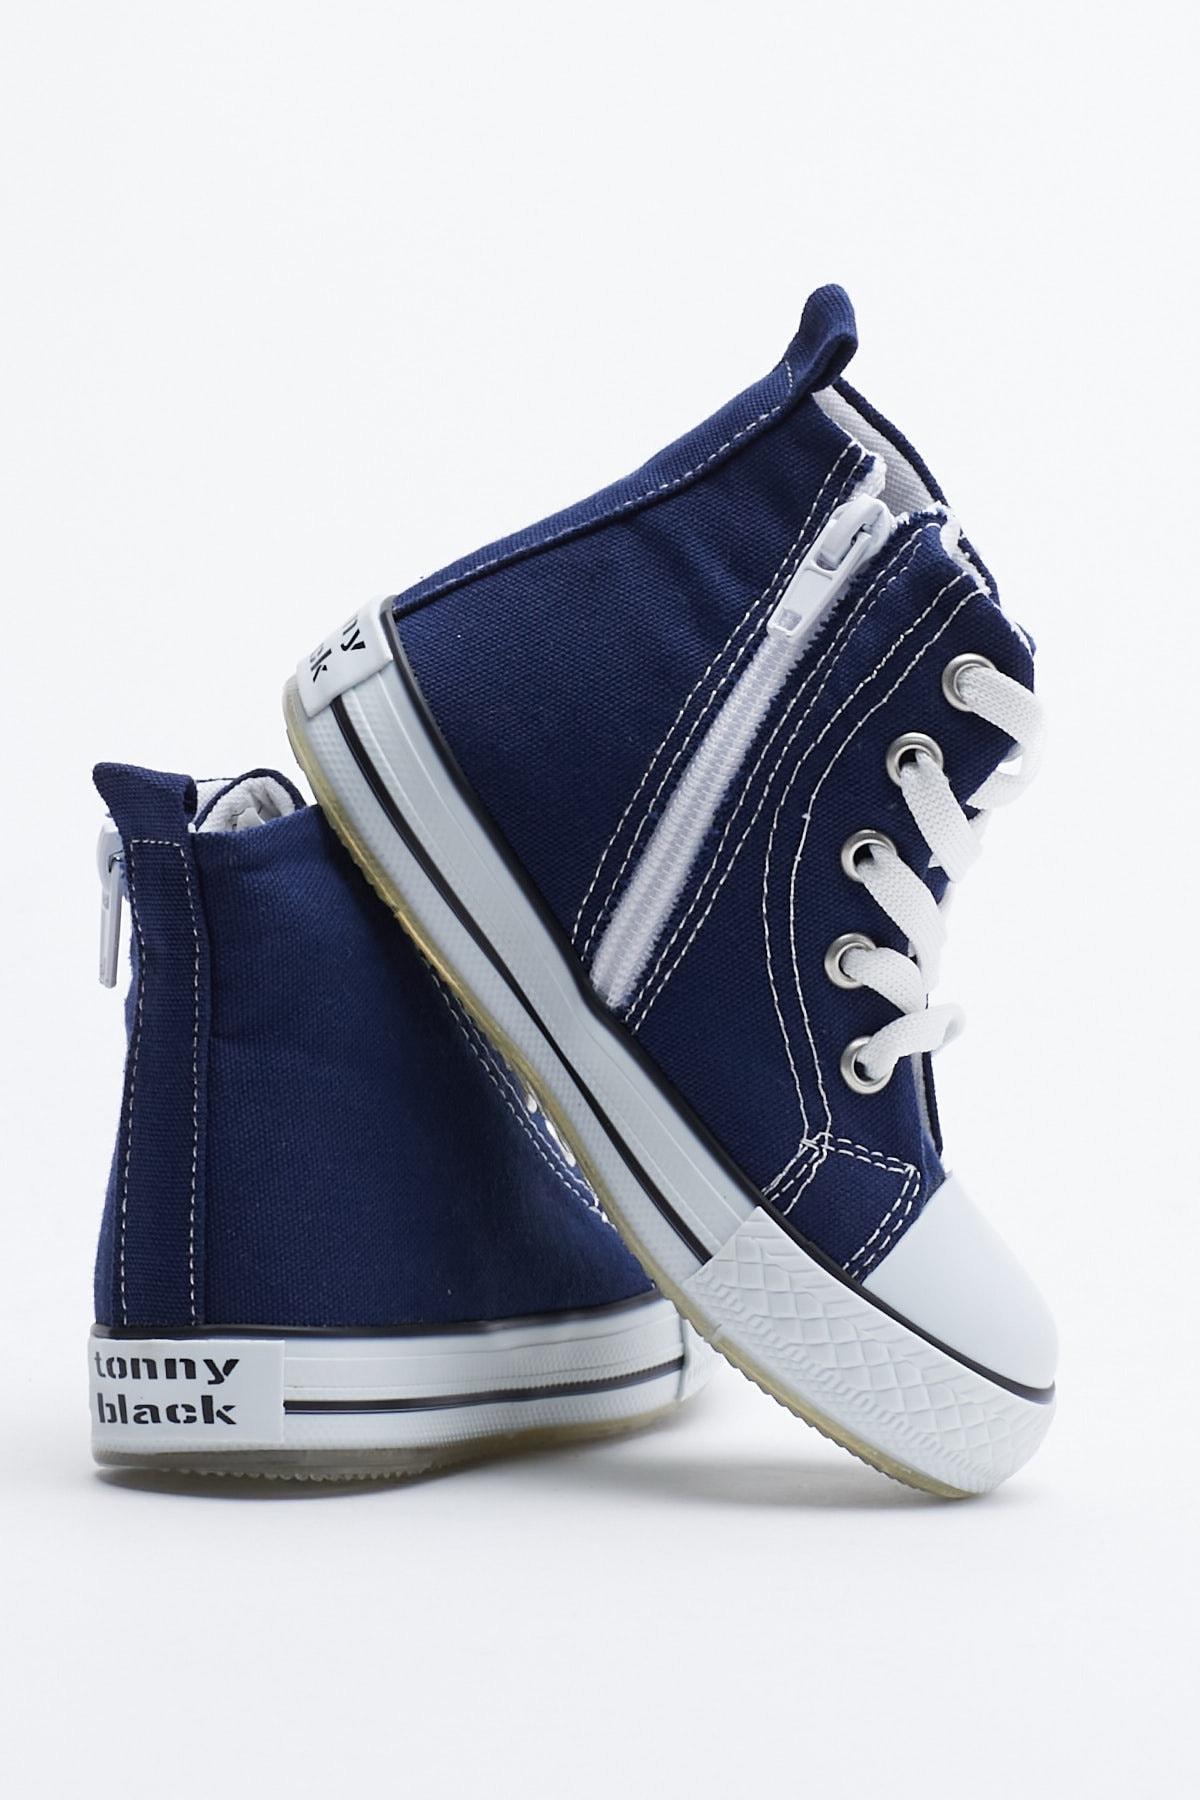 Tonny Black Lacivert Çocuk Spor Ayakkabı Uzun Tb999 3